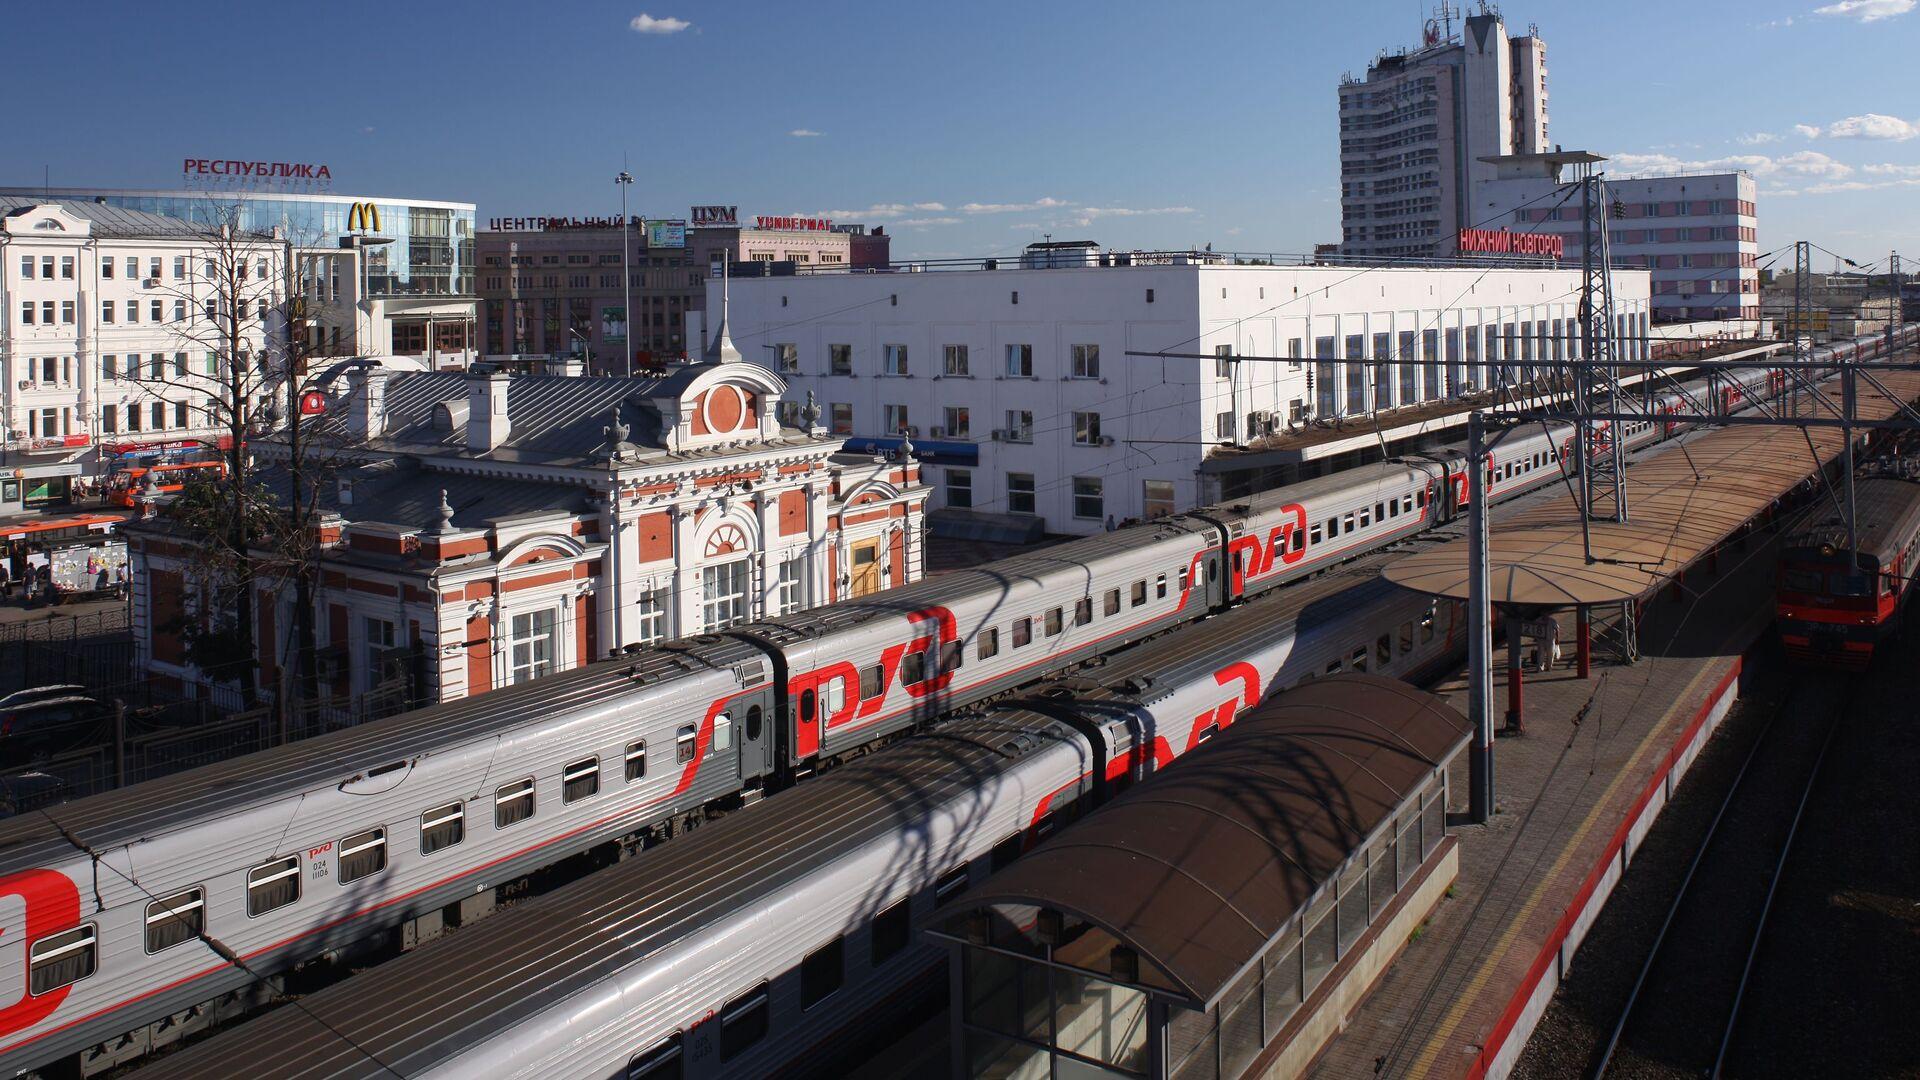 Железнодорожный вокзал Нижнего Новгорода - Sputnik Česká republika, 1920, 04.09.2021